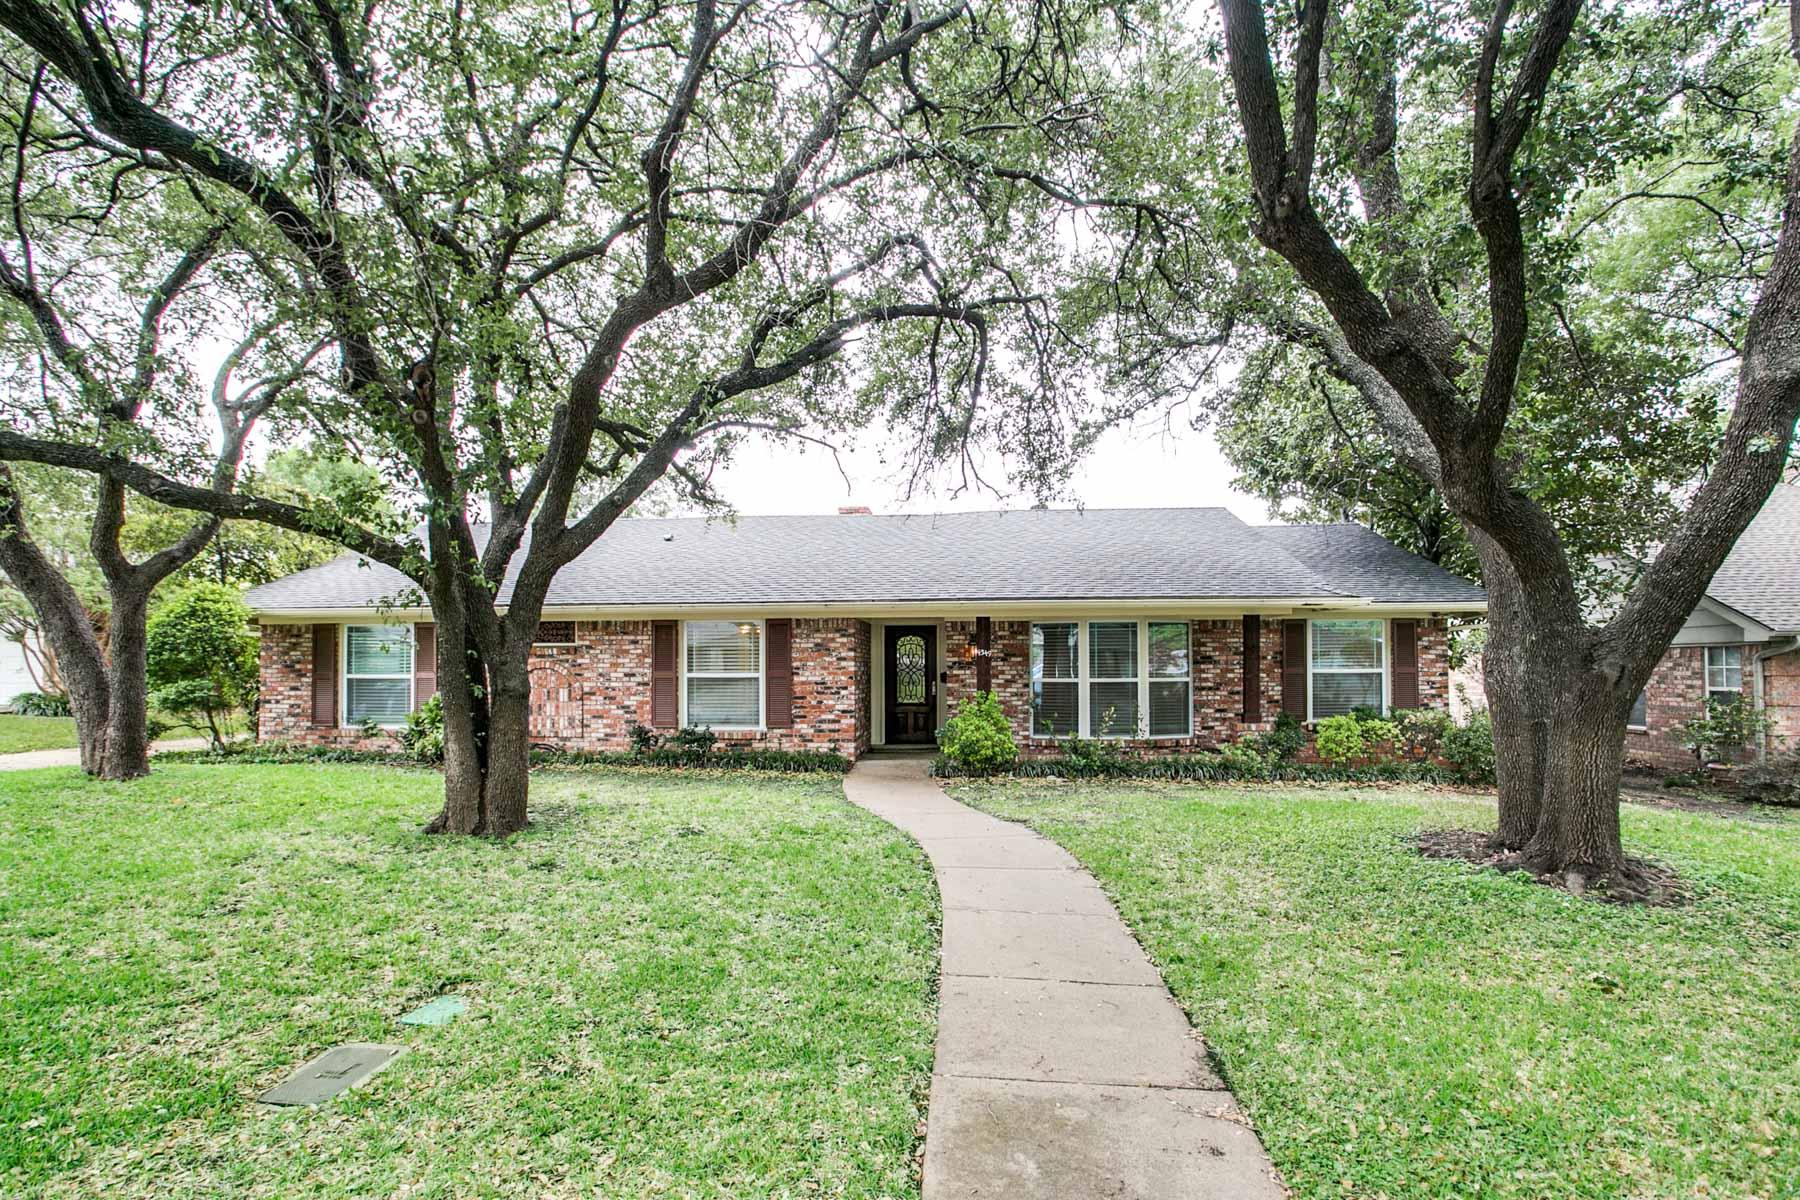 独户住宅 为 销售 在 4349 Whitfield Ave, Fort Worth 沃斯堡市, 得克萨斯州, 76109 美国